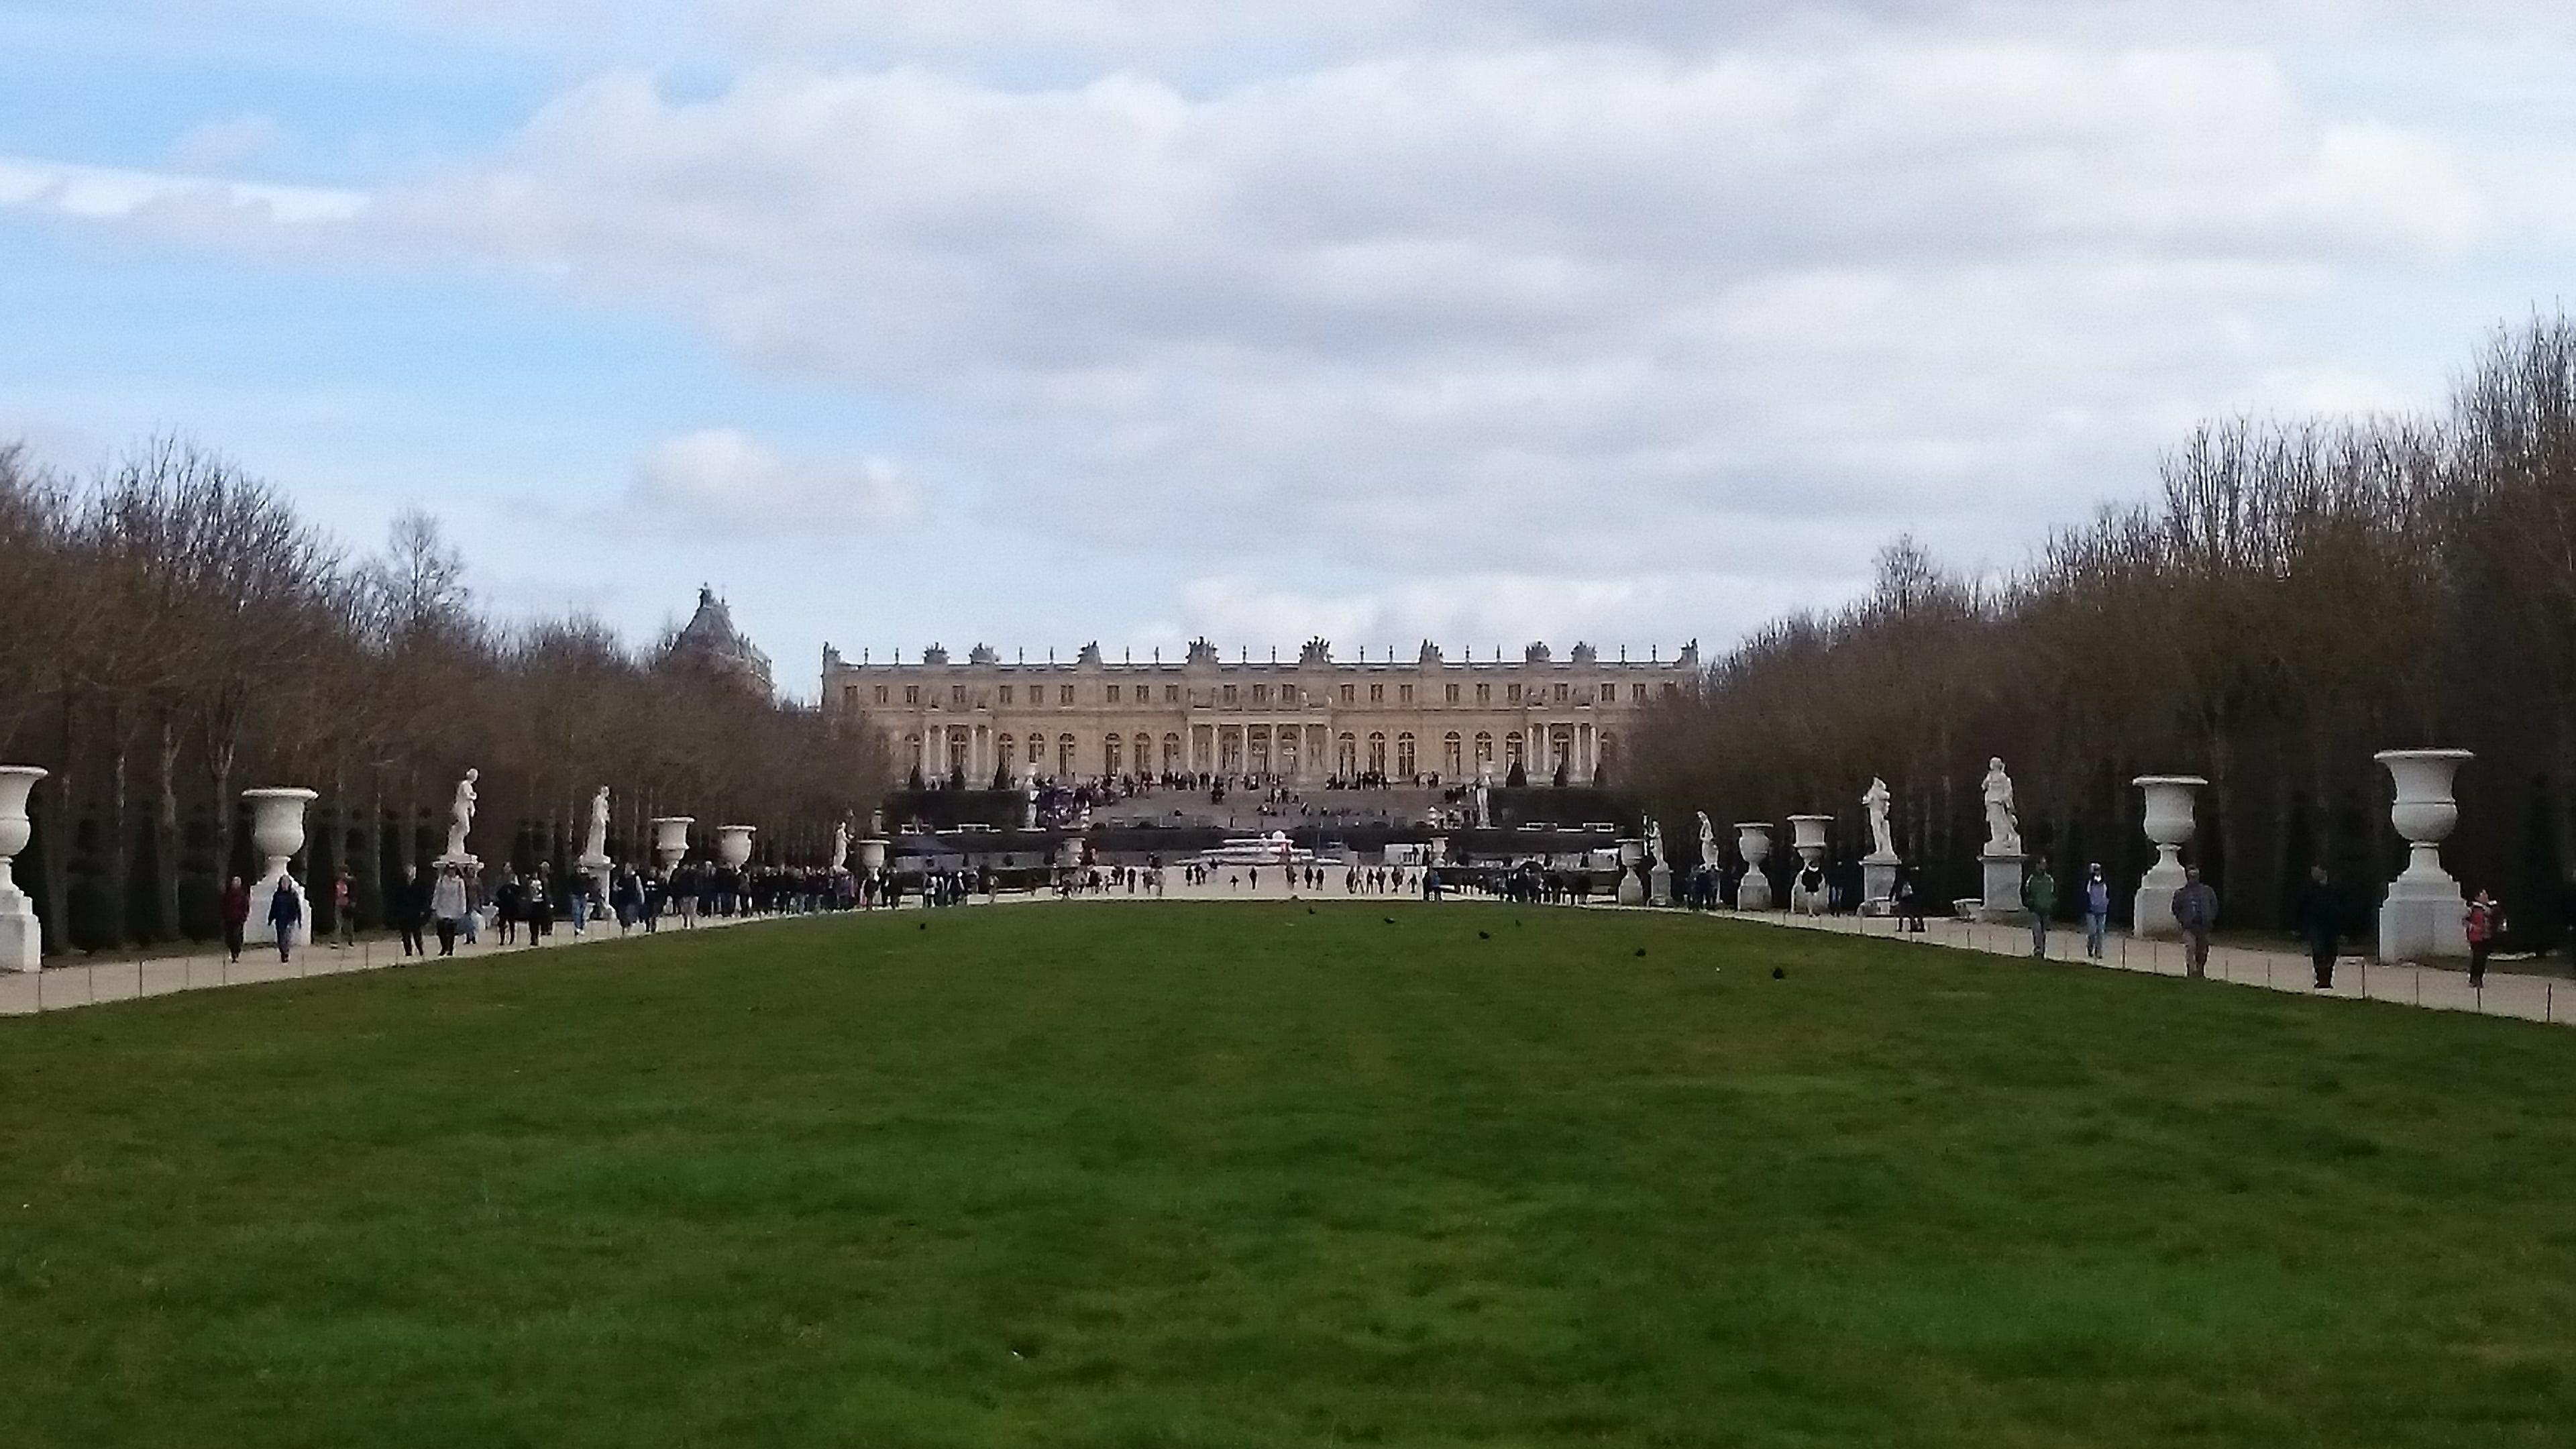 dsc 1291 copia - Visita al Palacio de Versalles: Como ir, cuanto cuesta y tips I/III